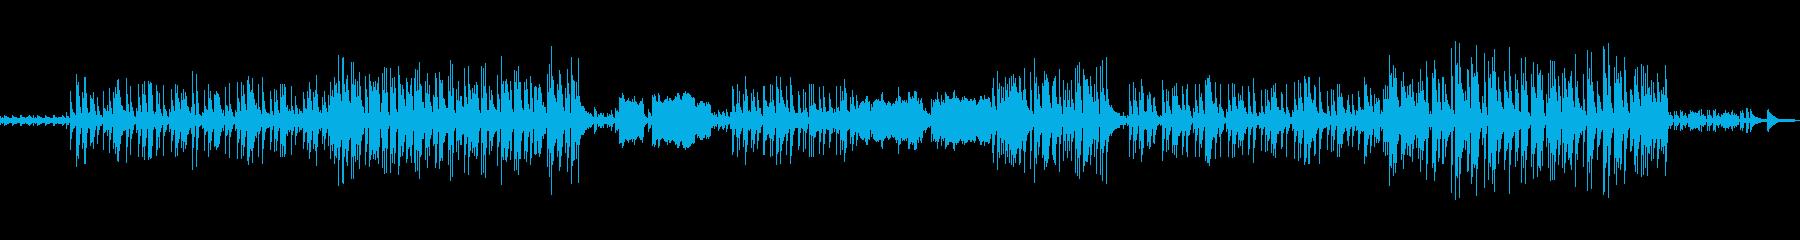 セレブビーチをイメージしたBGMの再生済みの波形